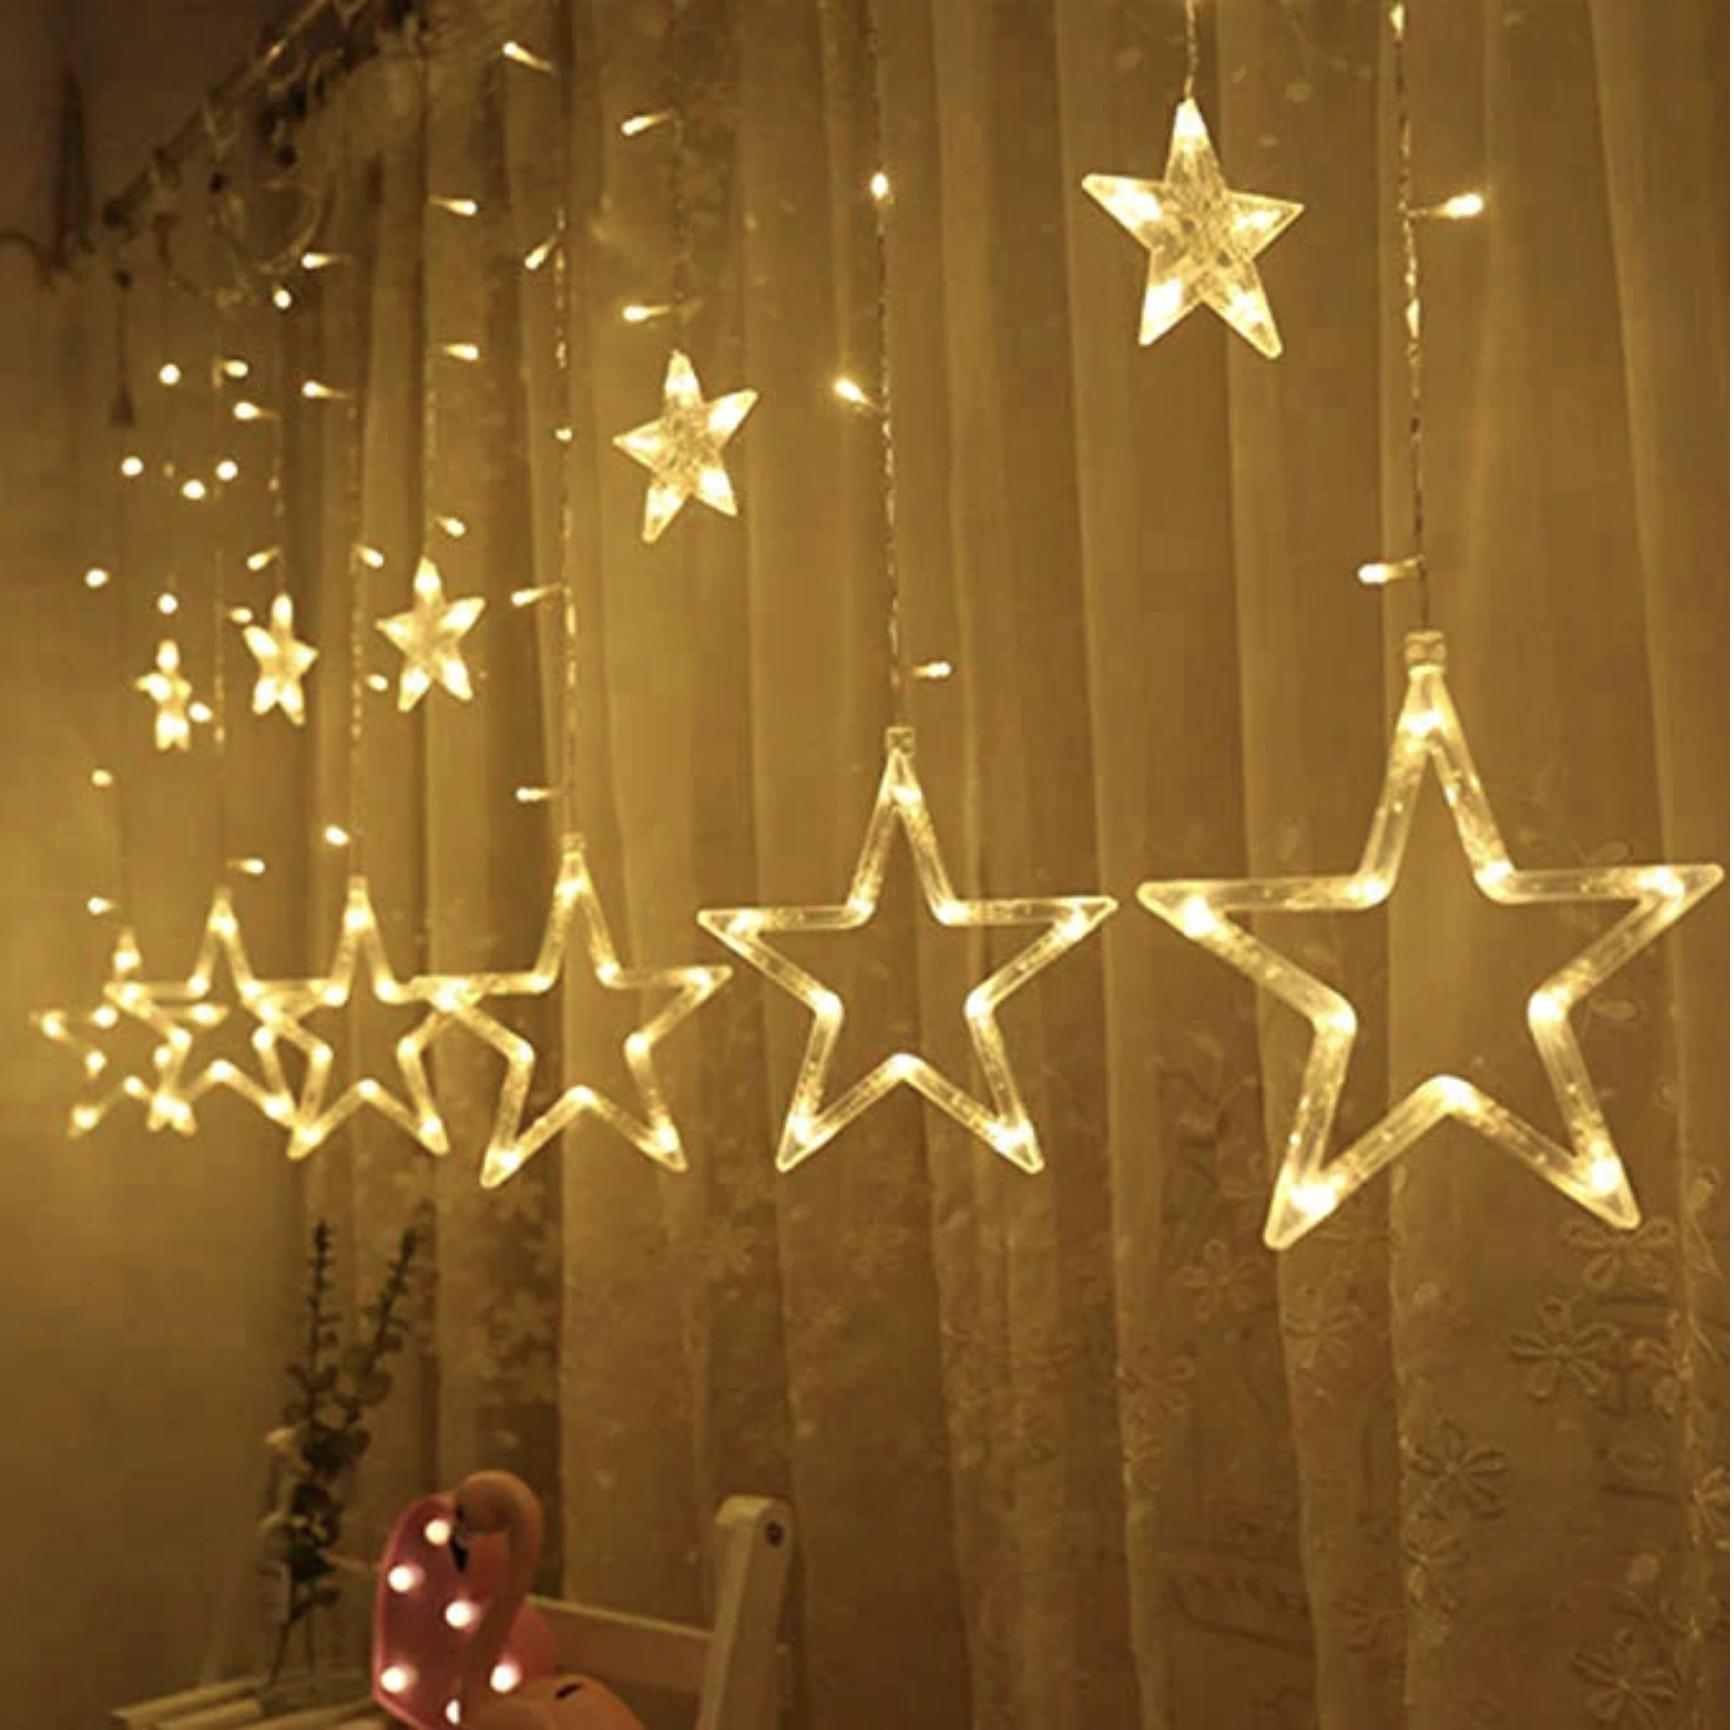 Instalatie craciun perdea luminoasa ploaie de stele alb cald